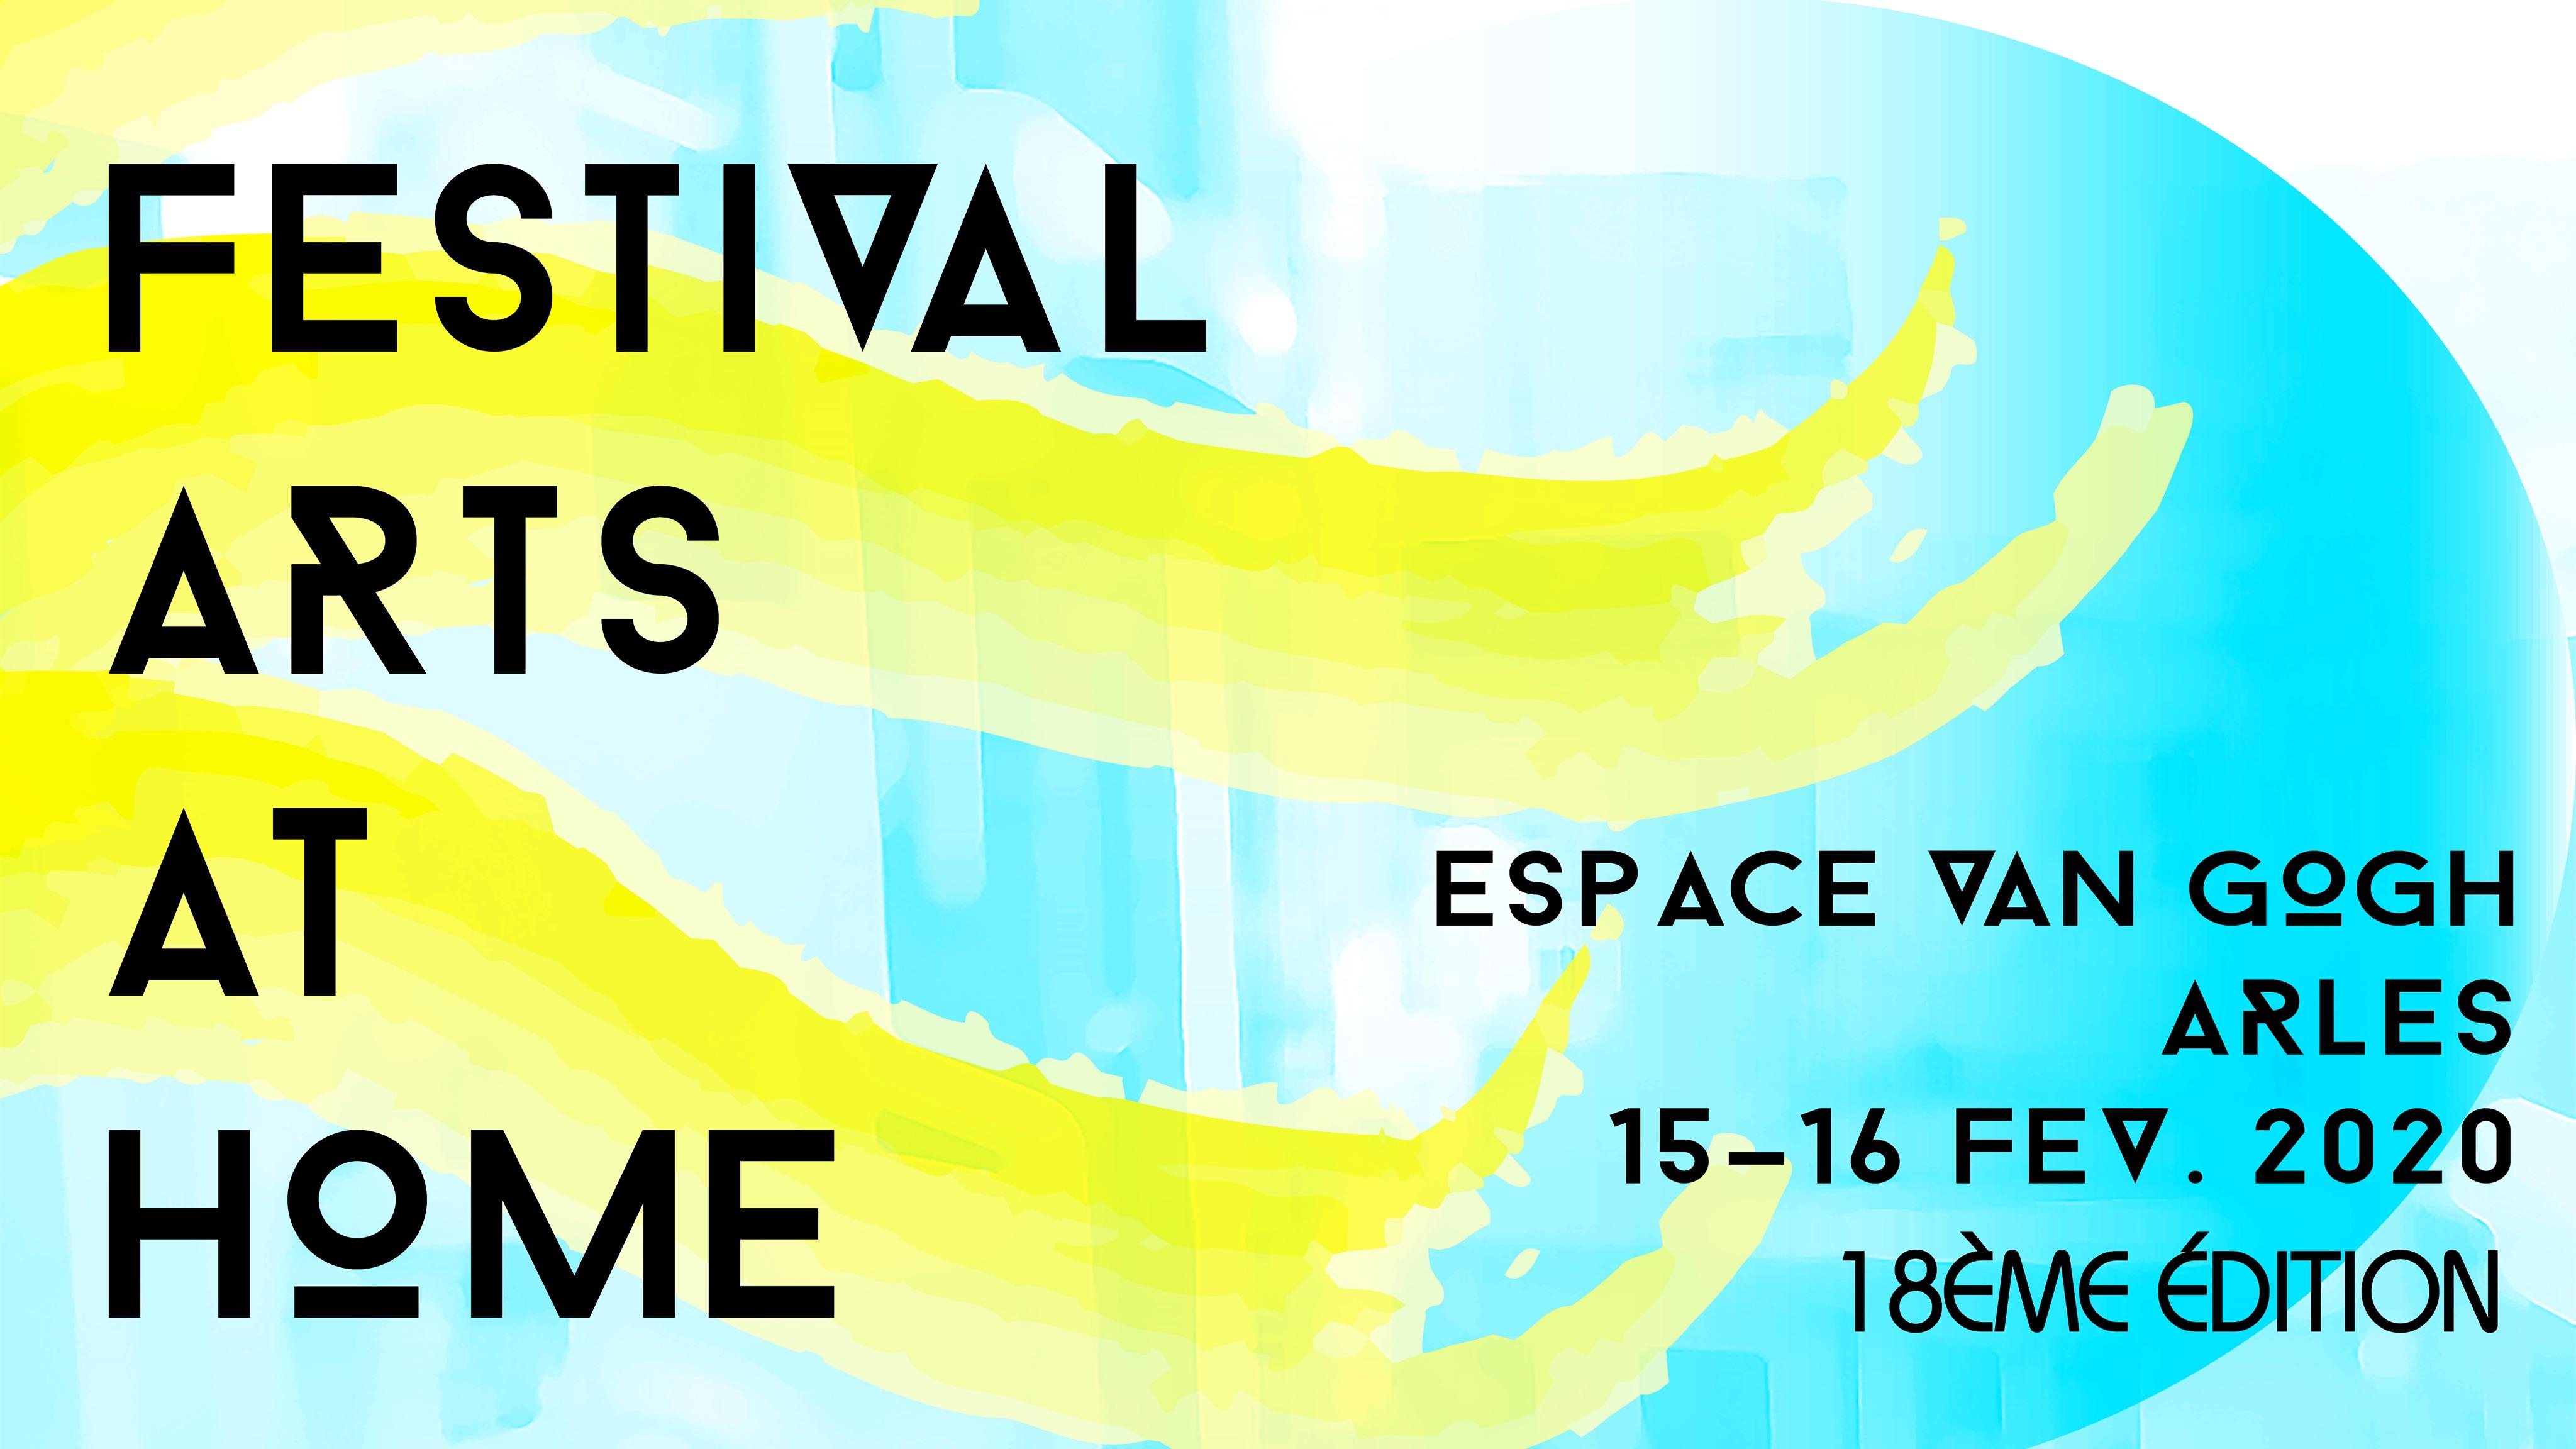 Festival pluridisciplinaire et gratuit à Arles